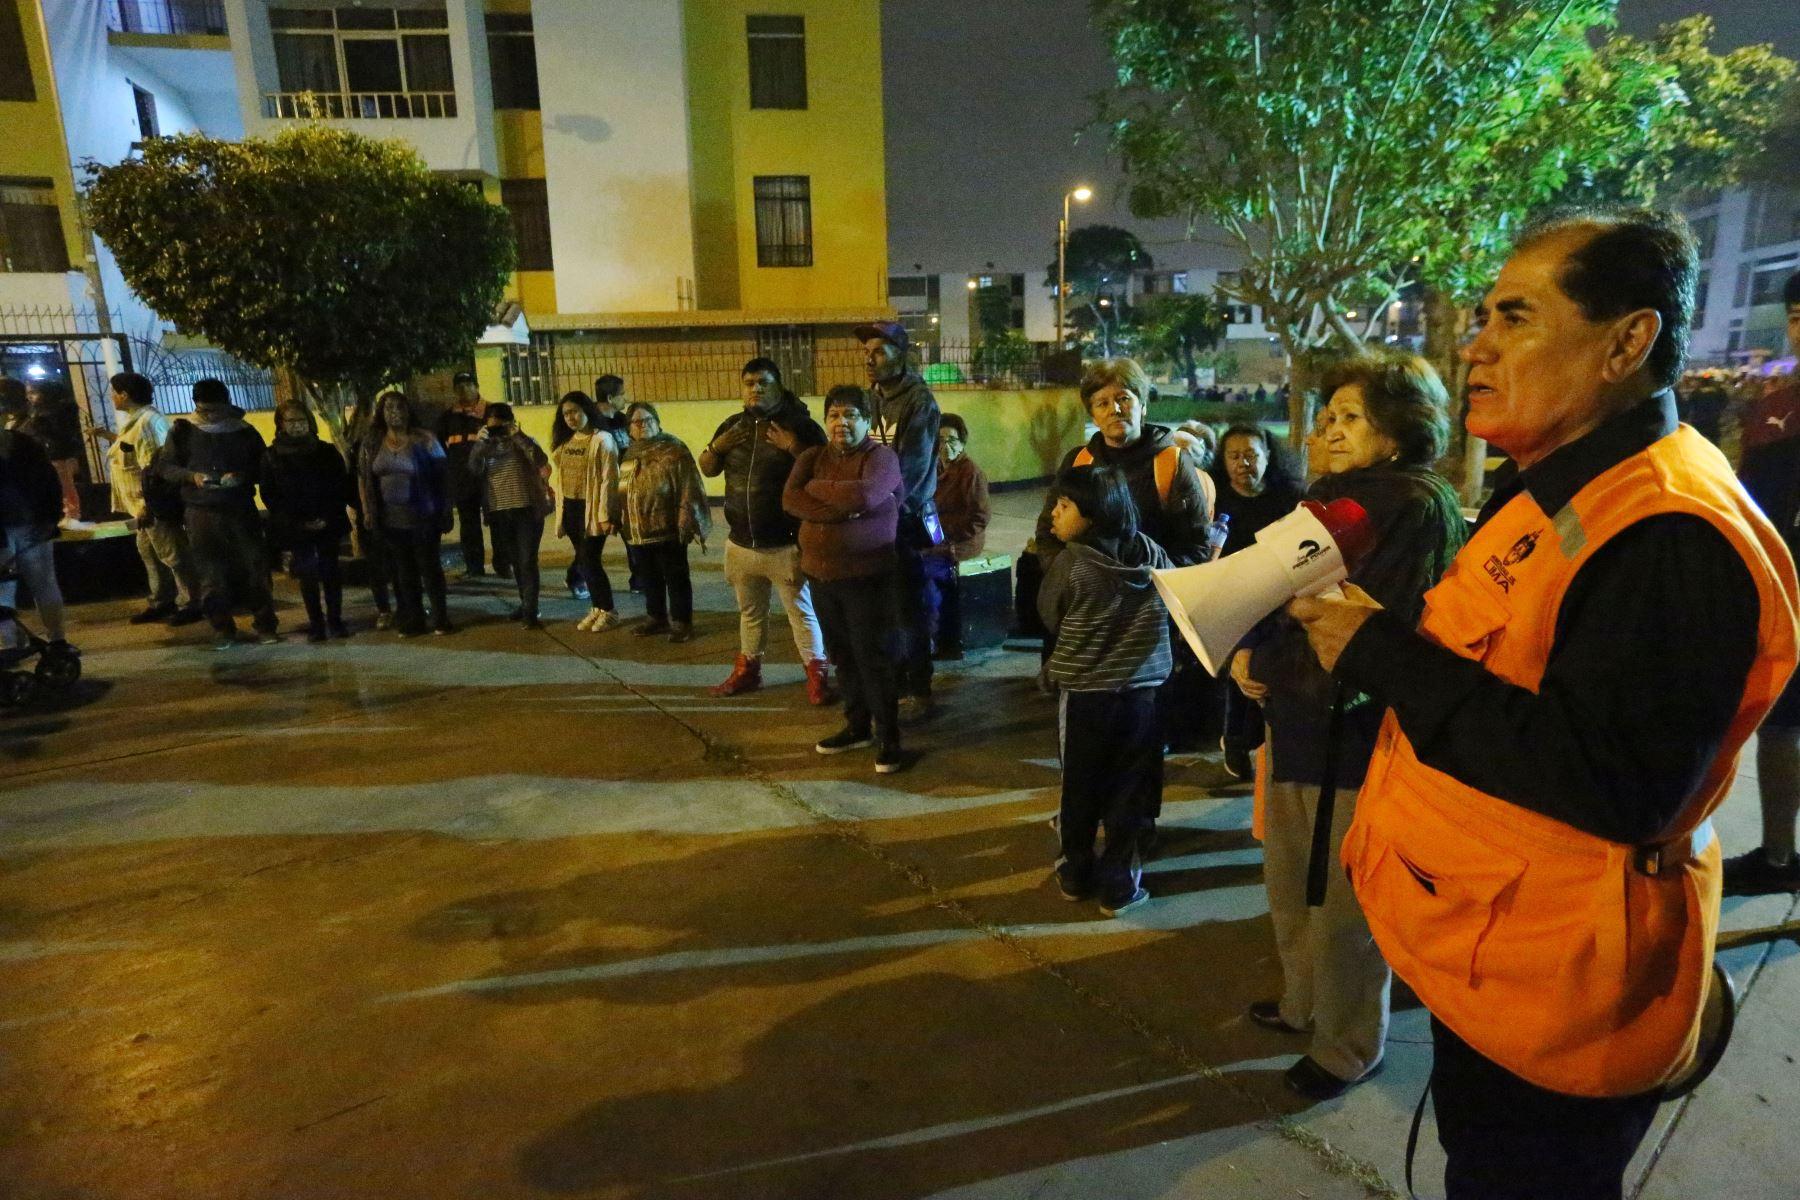 Para conmemorar el día internacional de la concienciacion ante Tsunamis, la Municipalidad de la Lima organiza el Simulacro Nacional por Sismo seguido de Tsunami en el Litoral Peruano y Multipeligro en el interior del país. Foto :ANDINA /Eddy Ramos